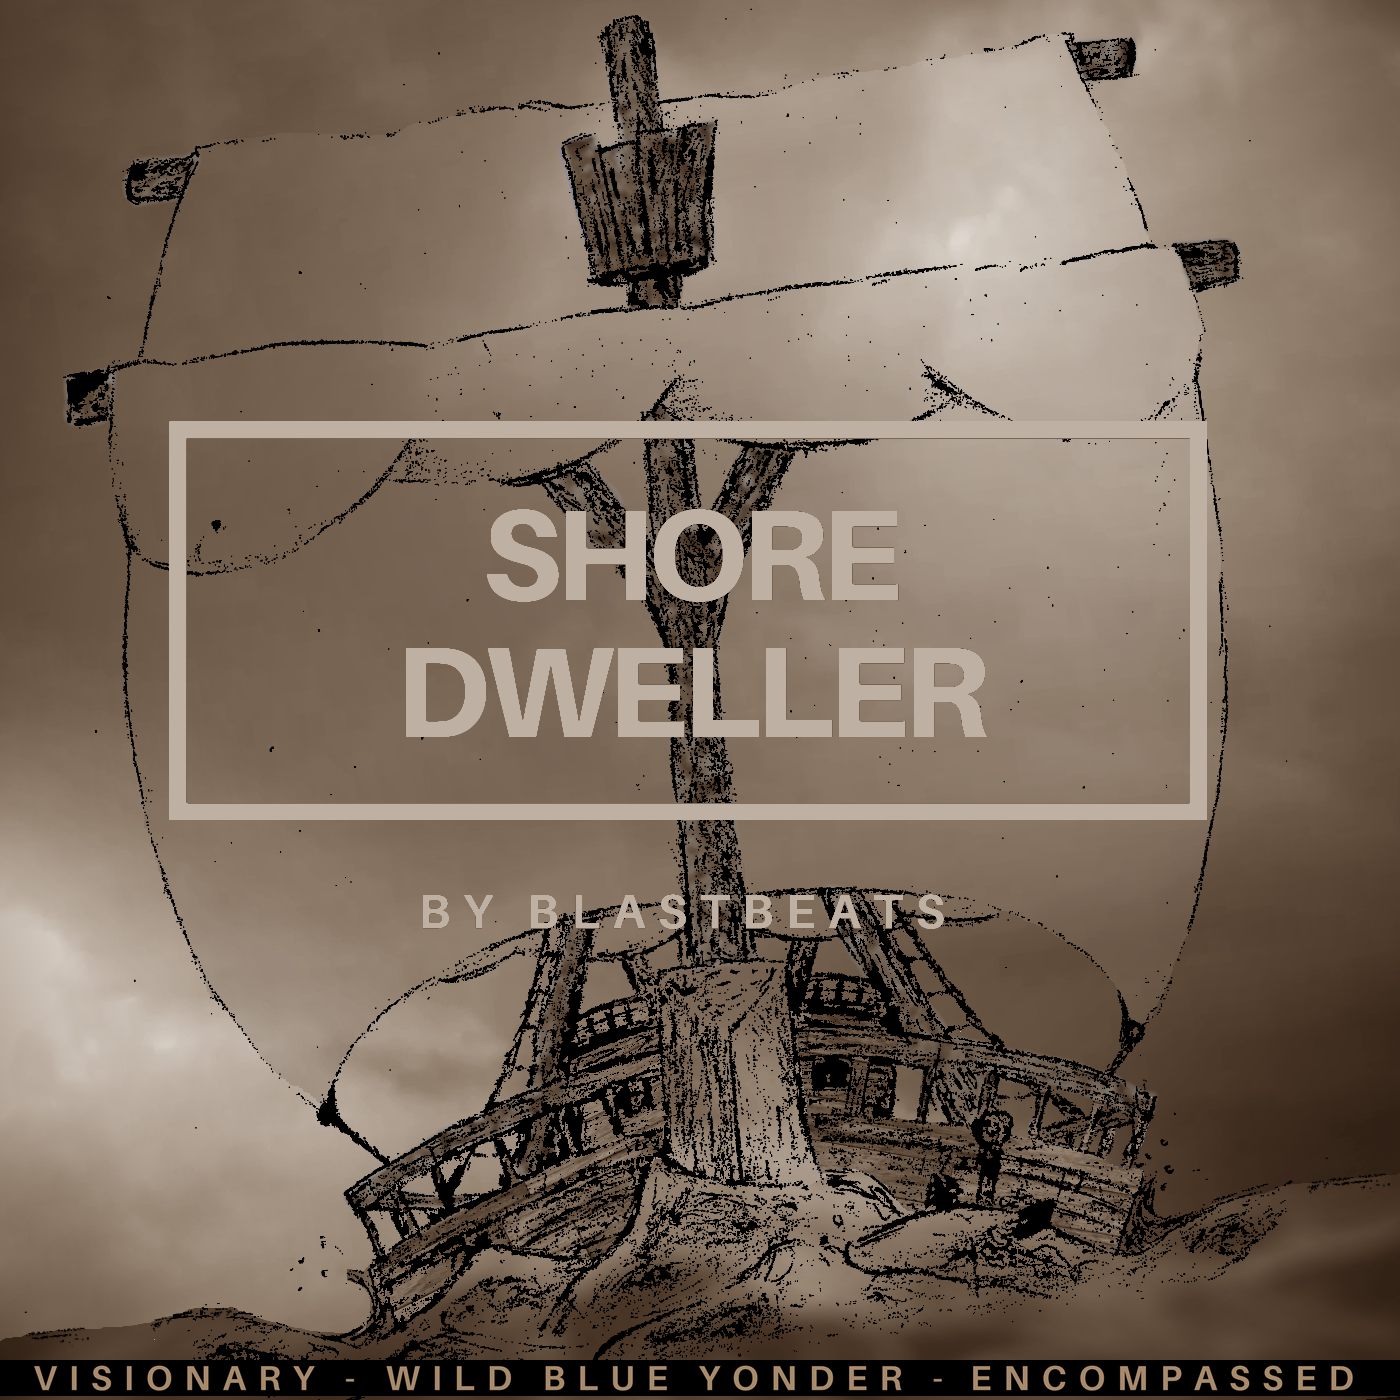 5236344_150358952011_ShoreDweller-AlbumCover_2.png